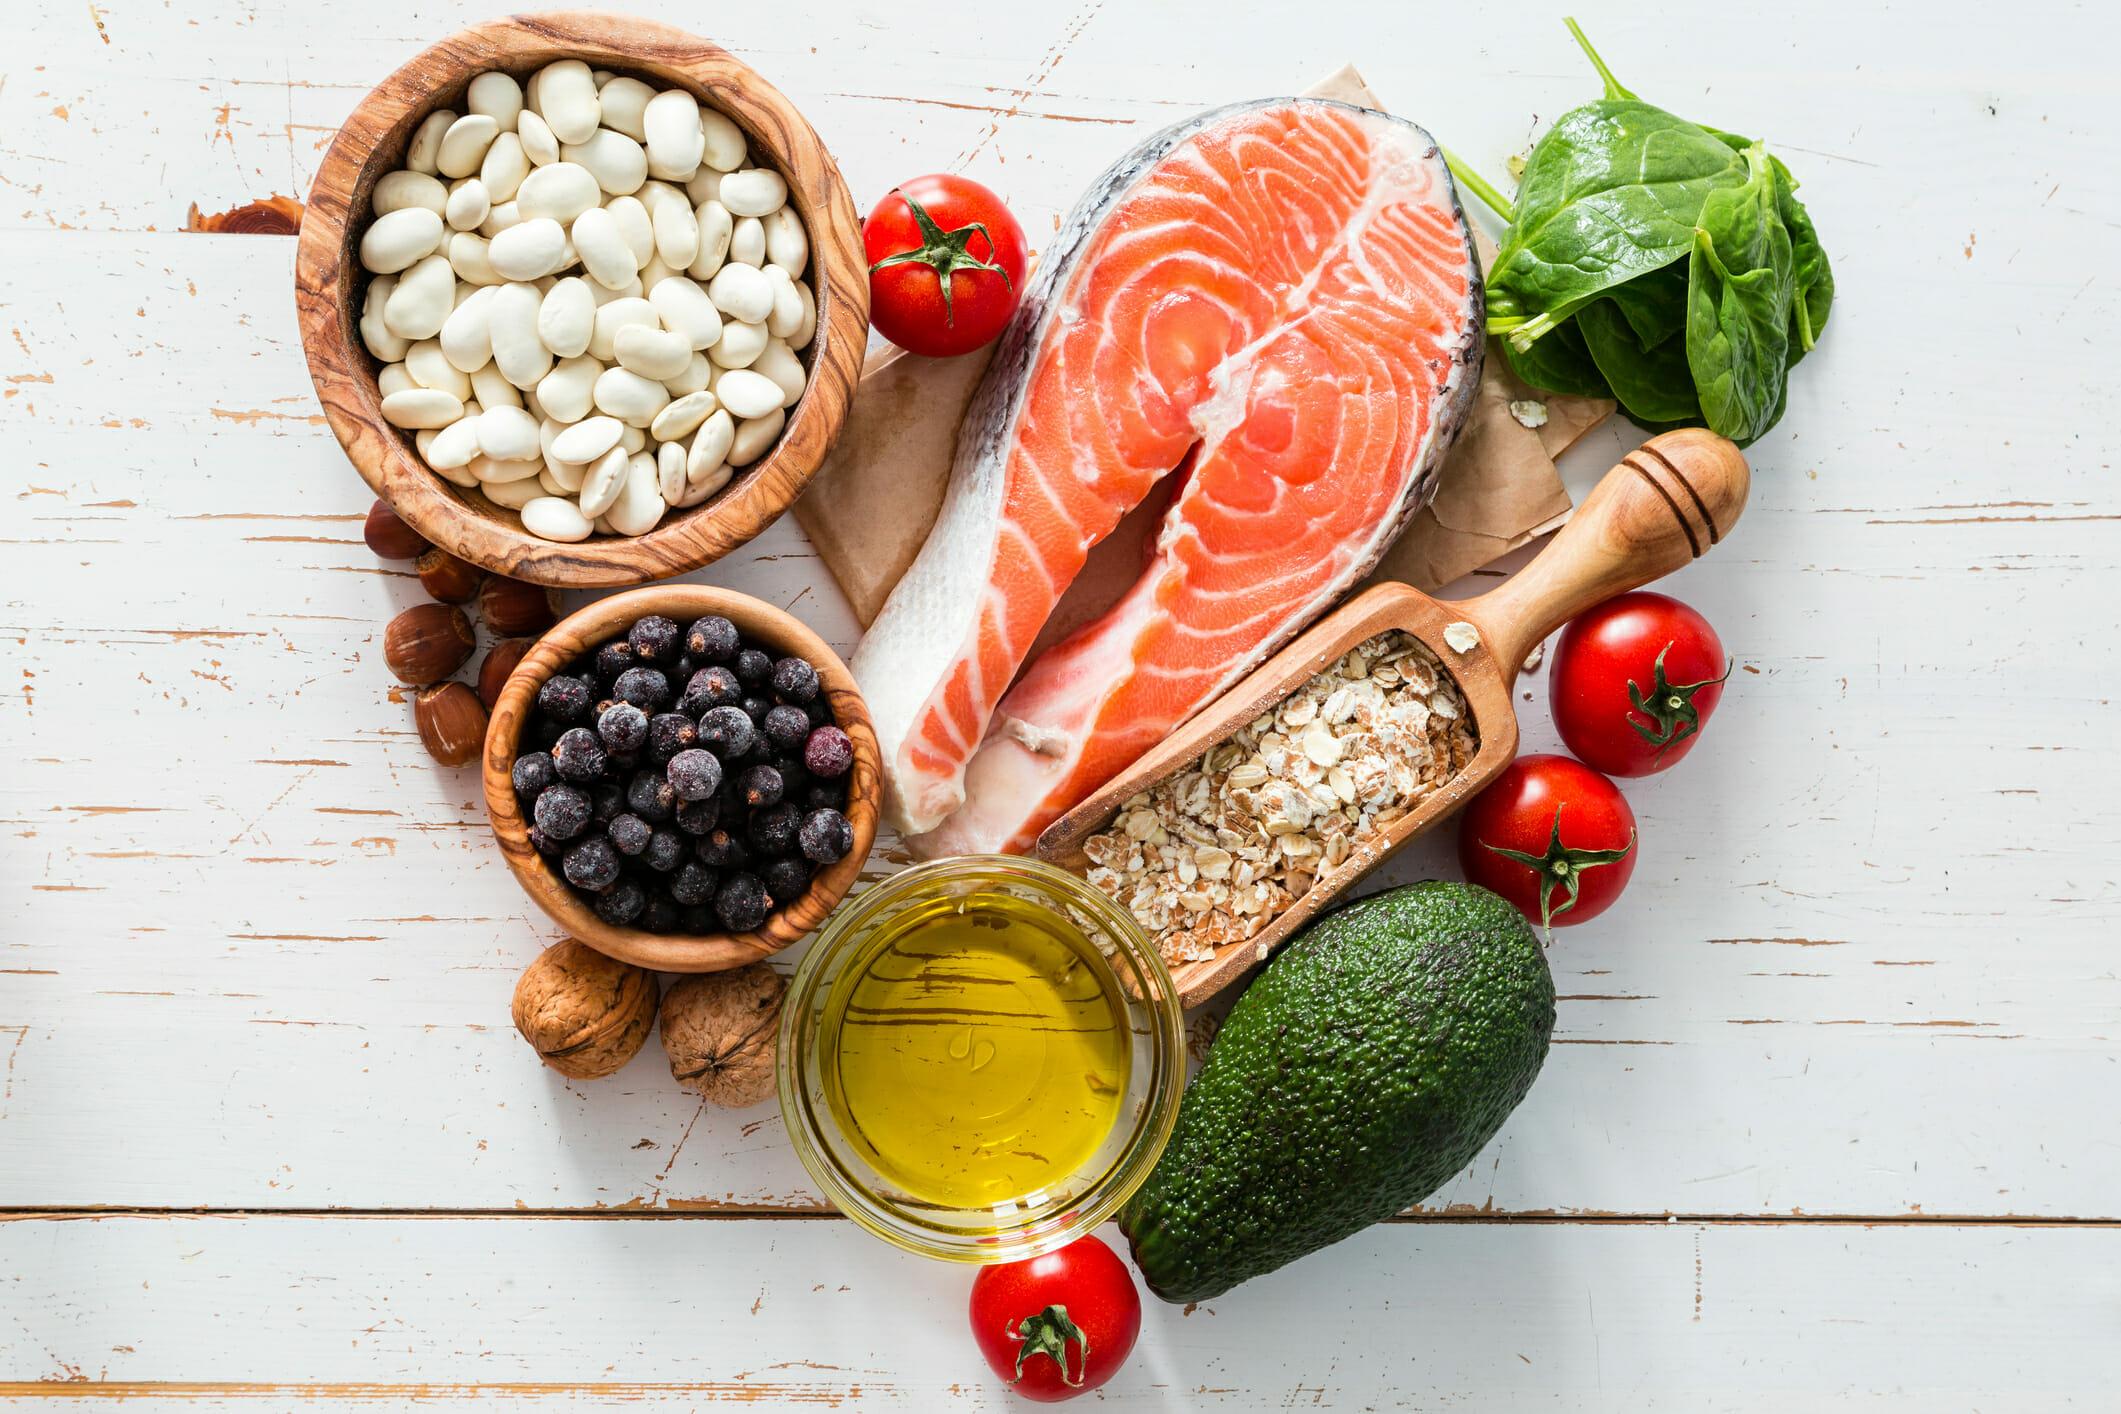 Best Healthy Diet To Lose Weight